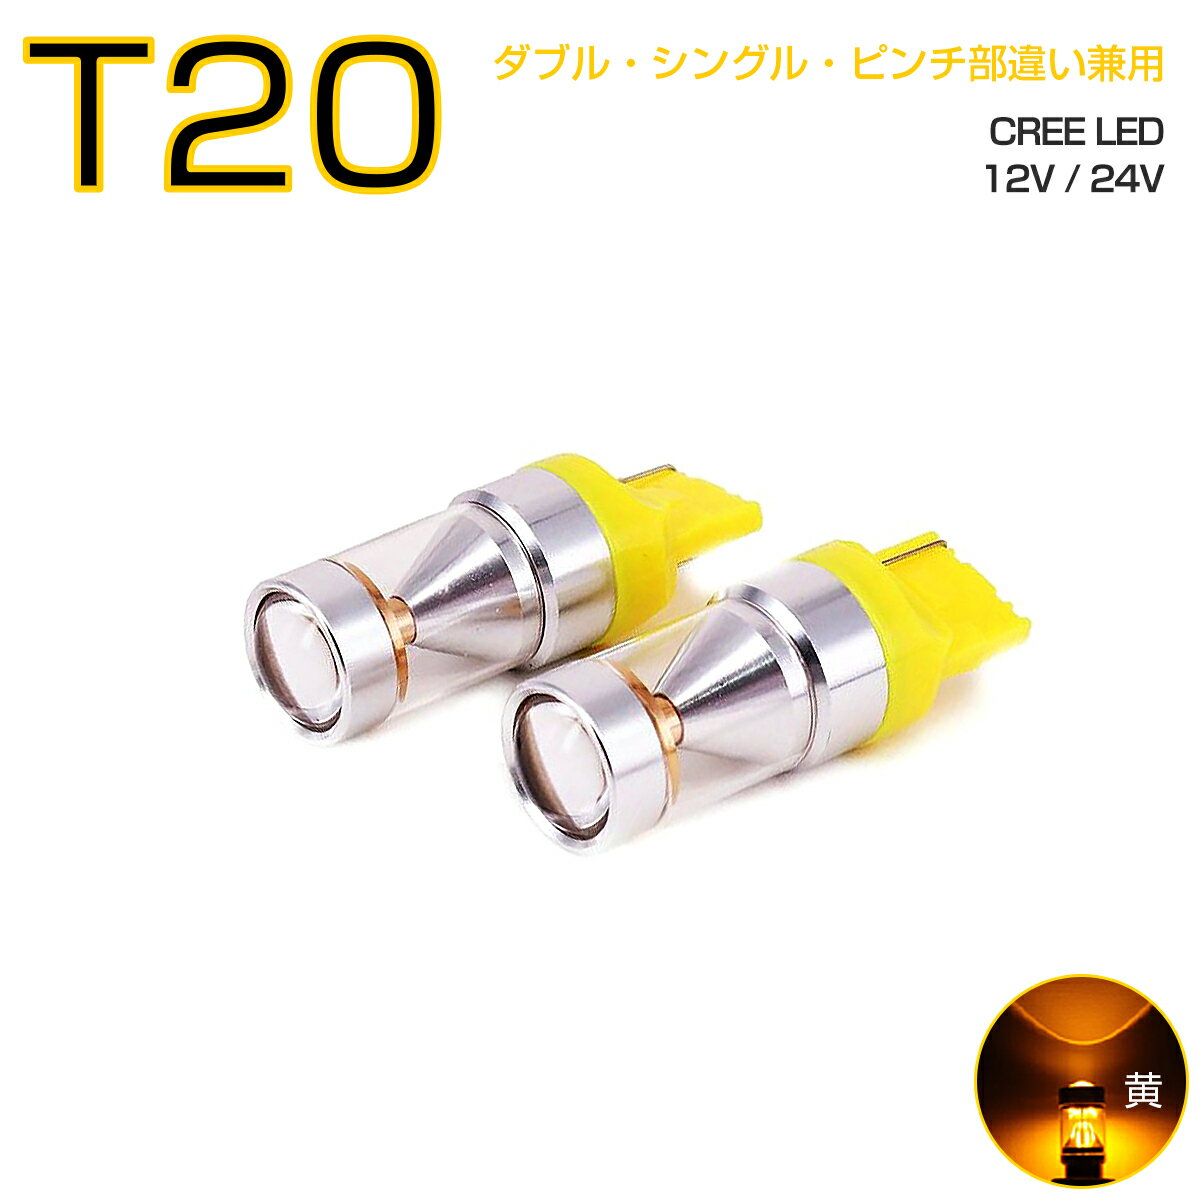 ライト・ランプ, フォグランプ・デイランプ NISSAN H19.8 H92W 2 T20 LED T20 30W CREE 2 12V 24V 1